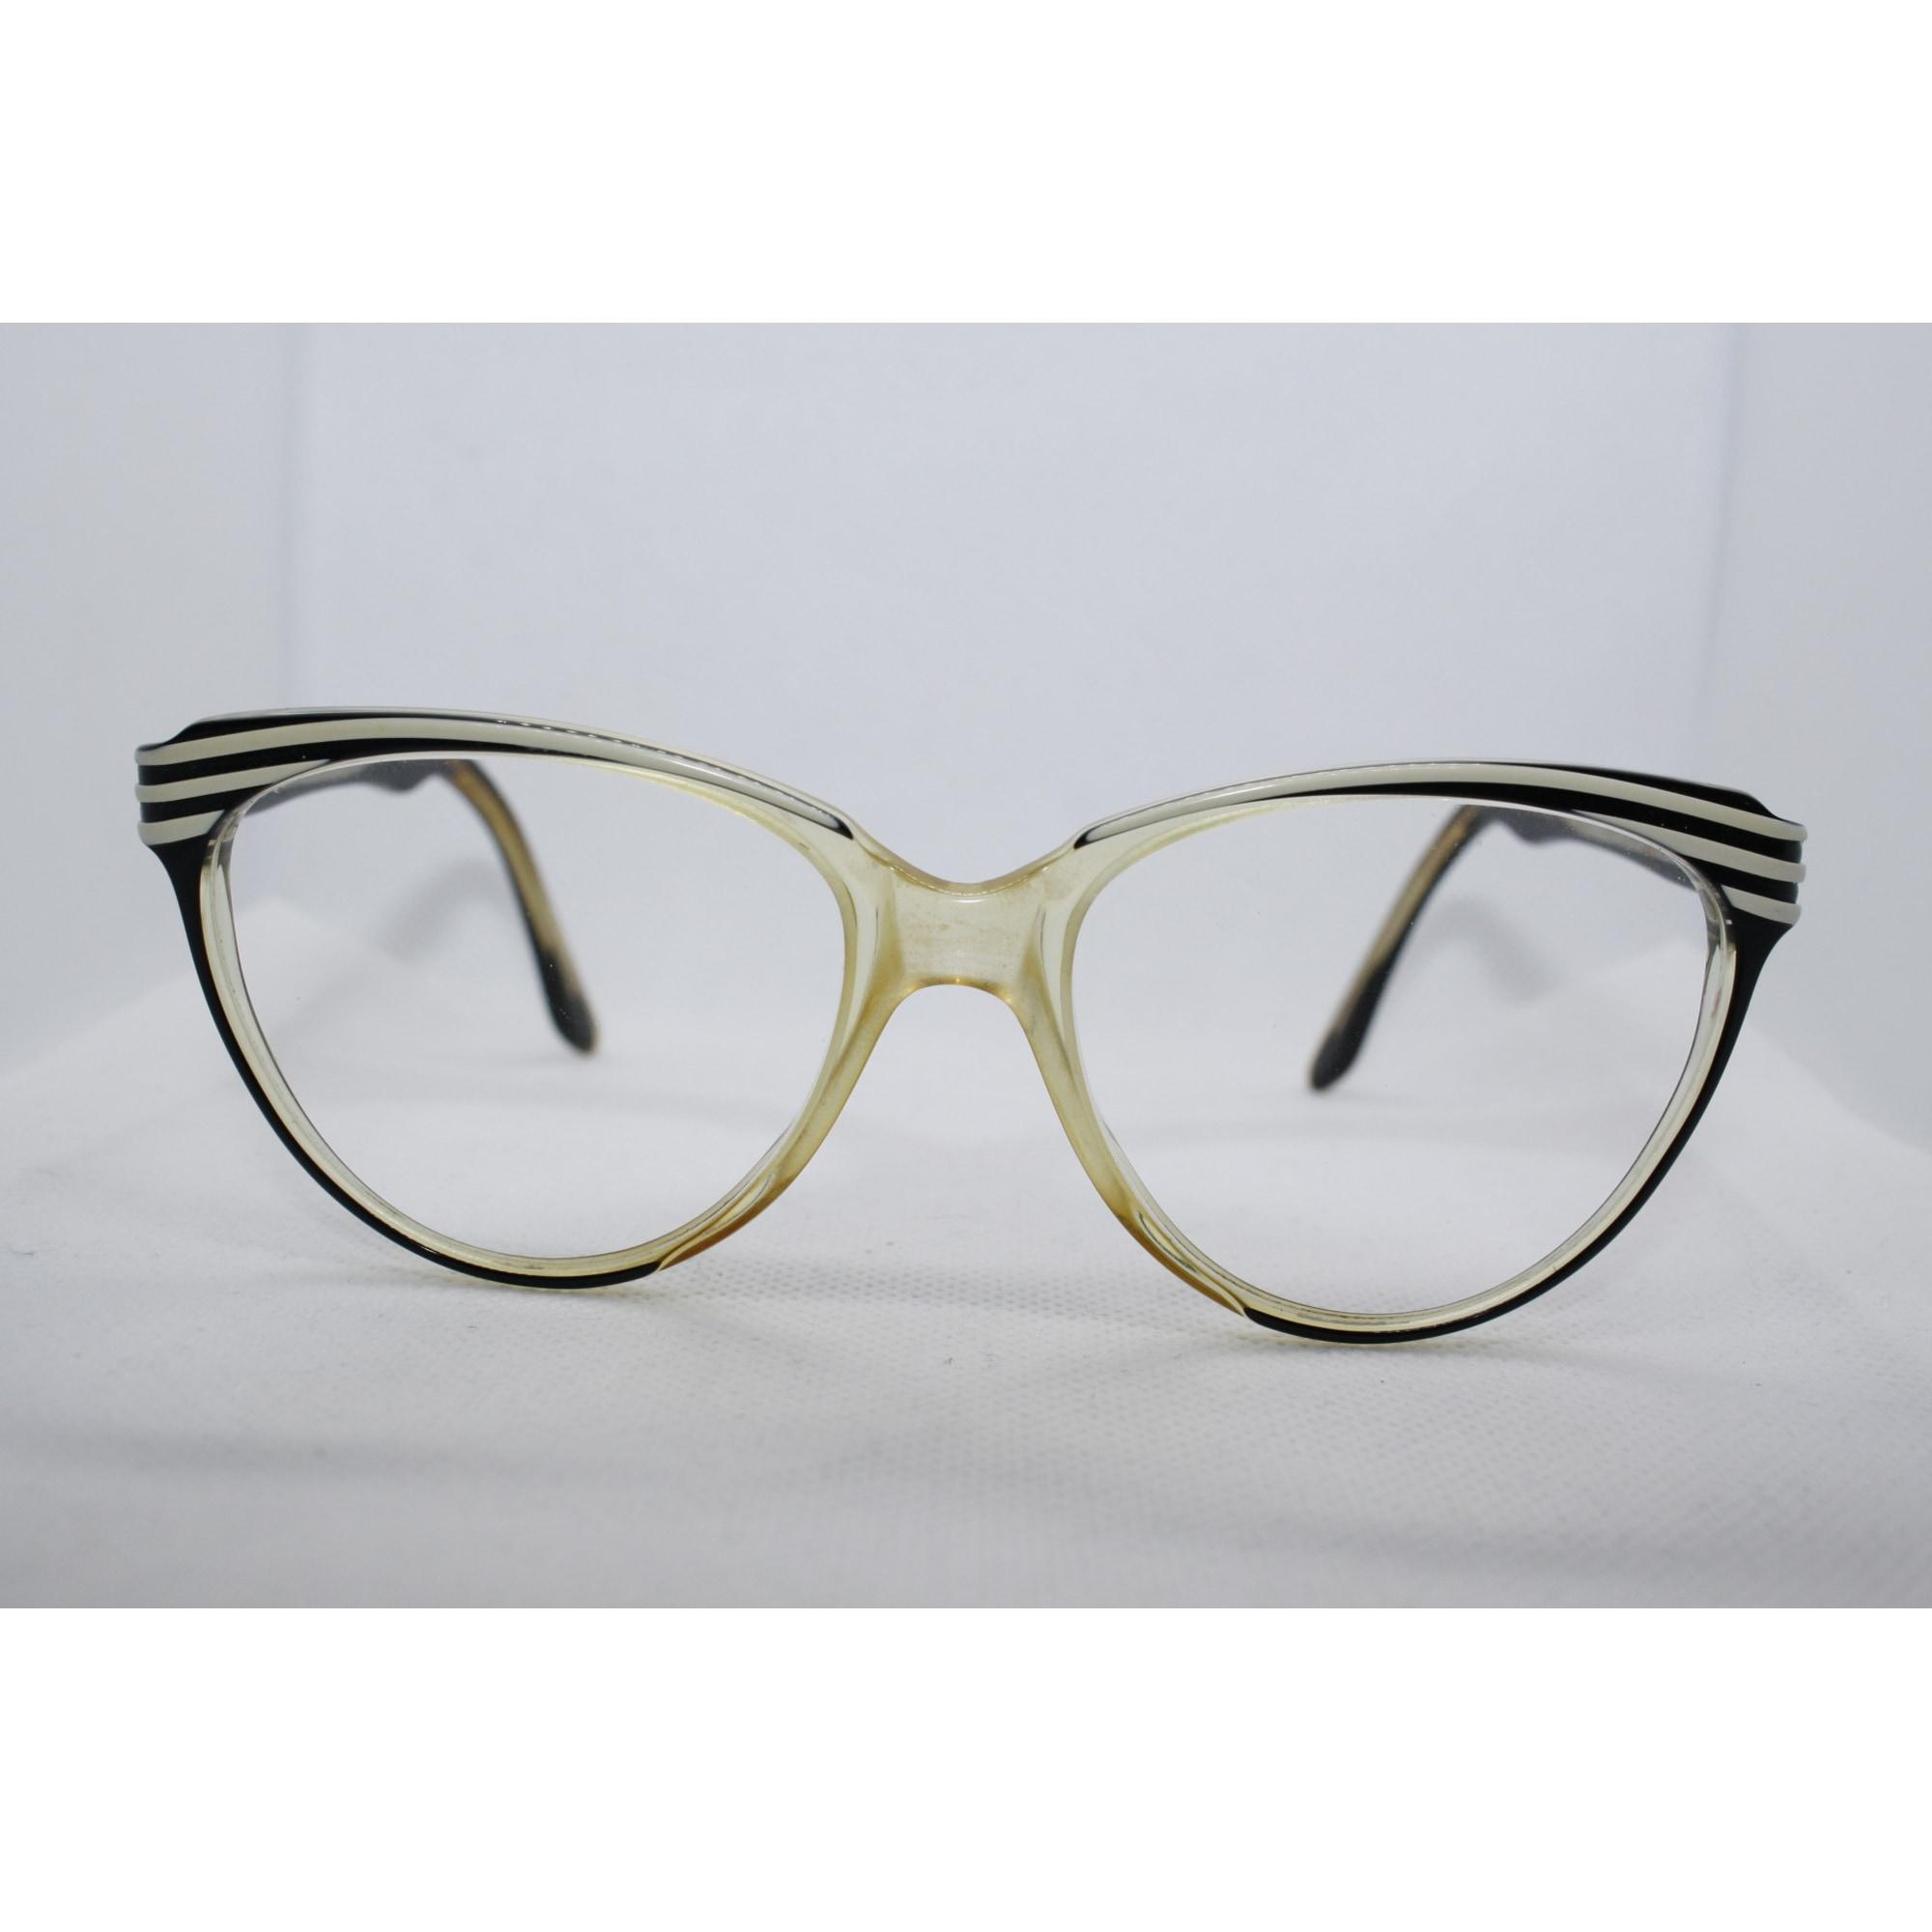 Monture de lunettes YVES SAINT LAURENT zebré de blanc sur noir sur transparence légèrement ambrées